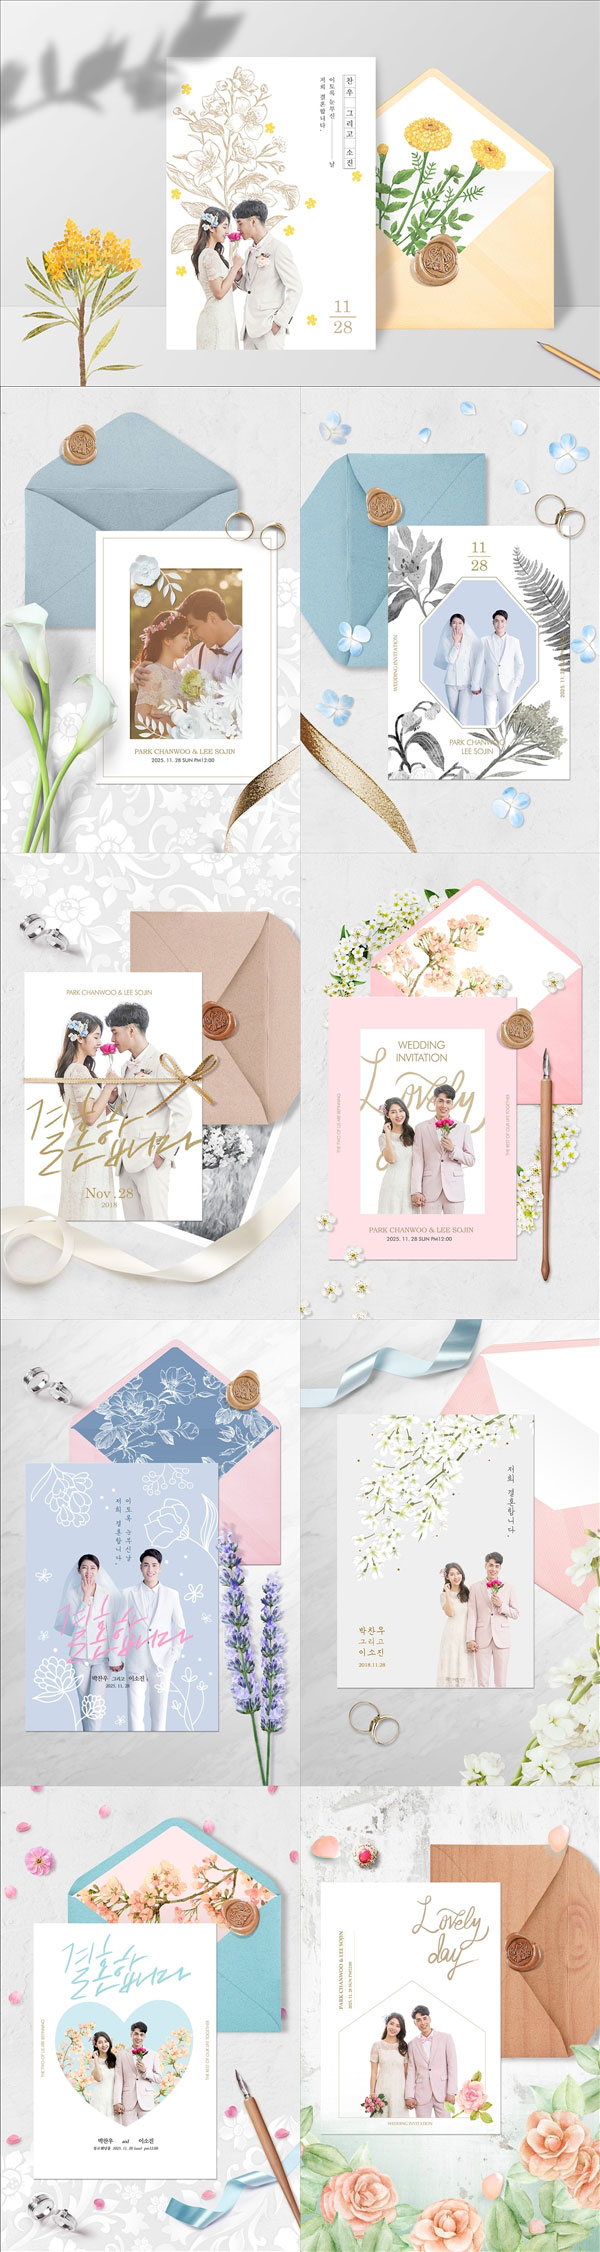 婚礼请柬海报